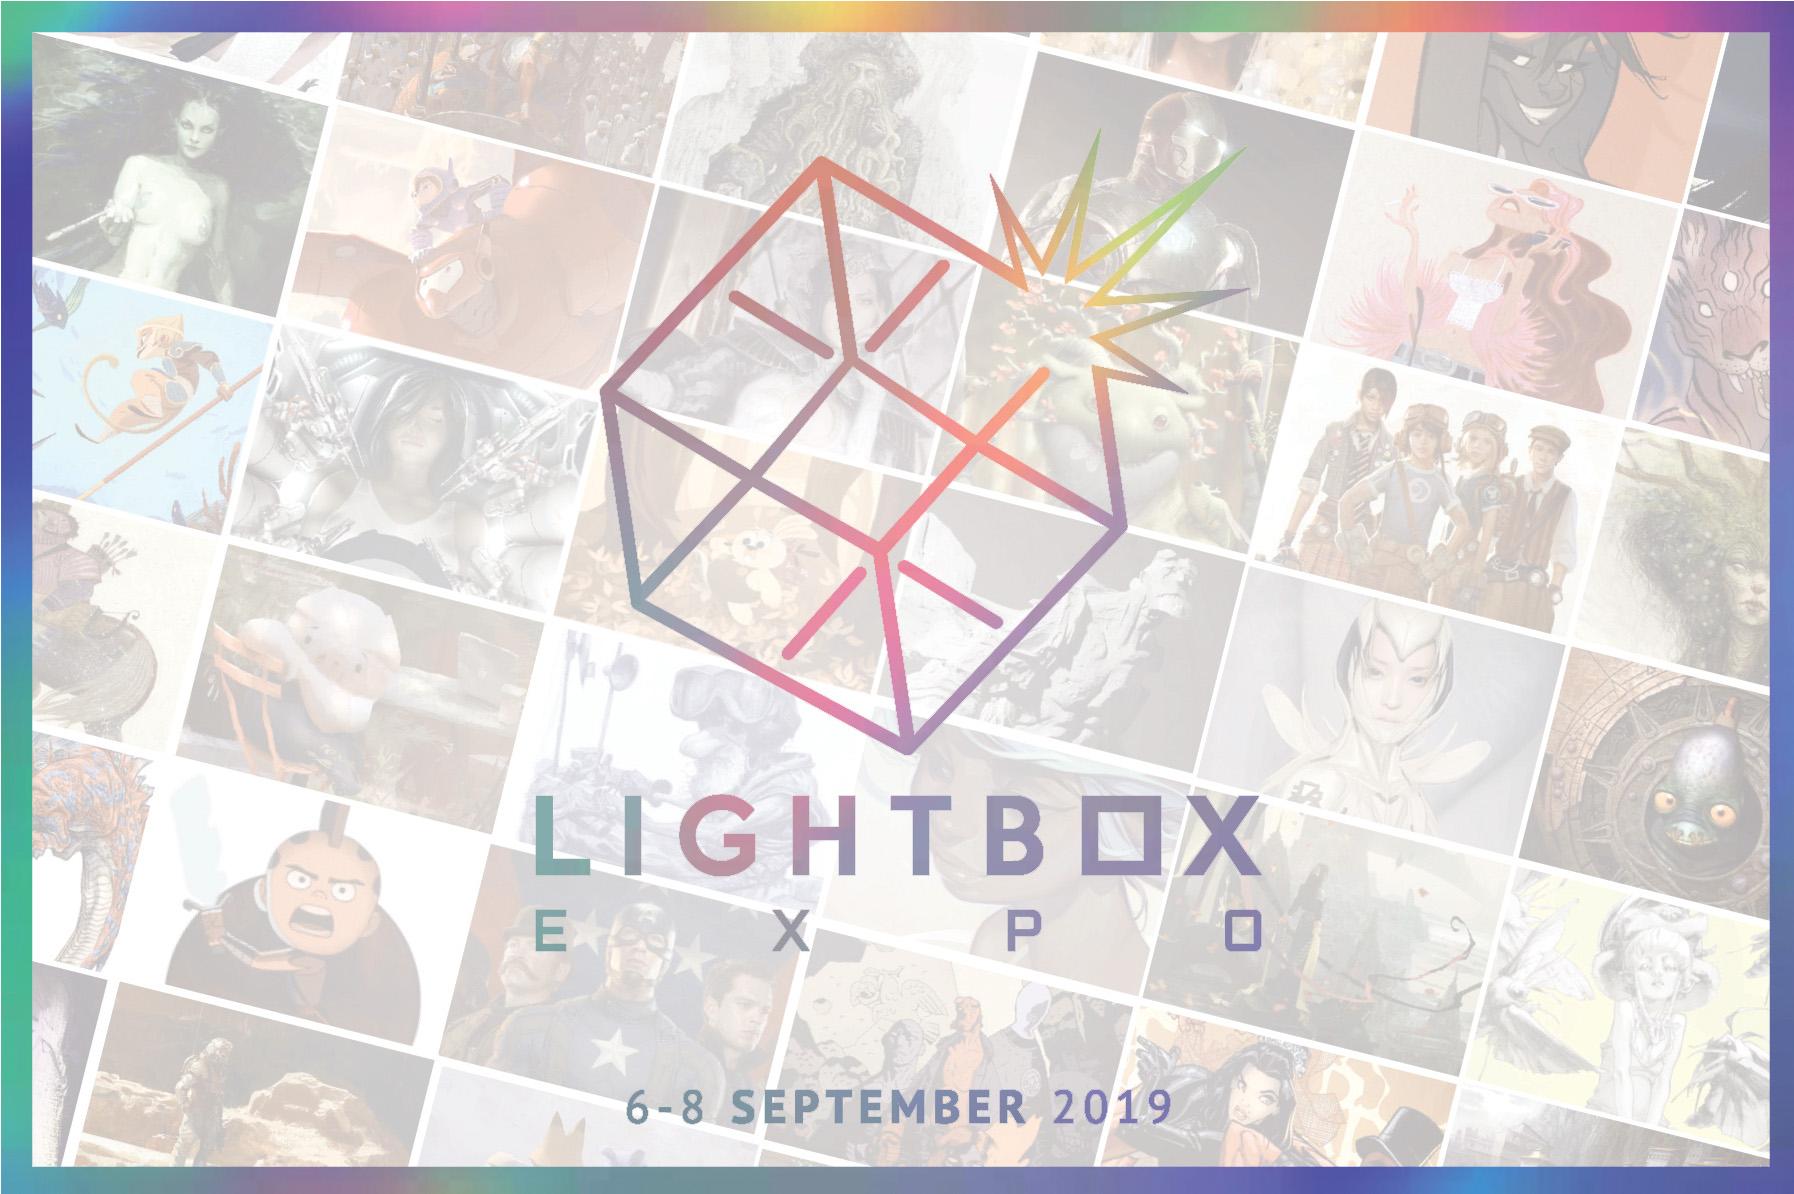 Lightbox Expo Announced - A Celebration of Art - ArtStation